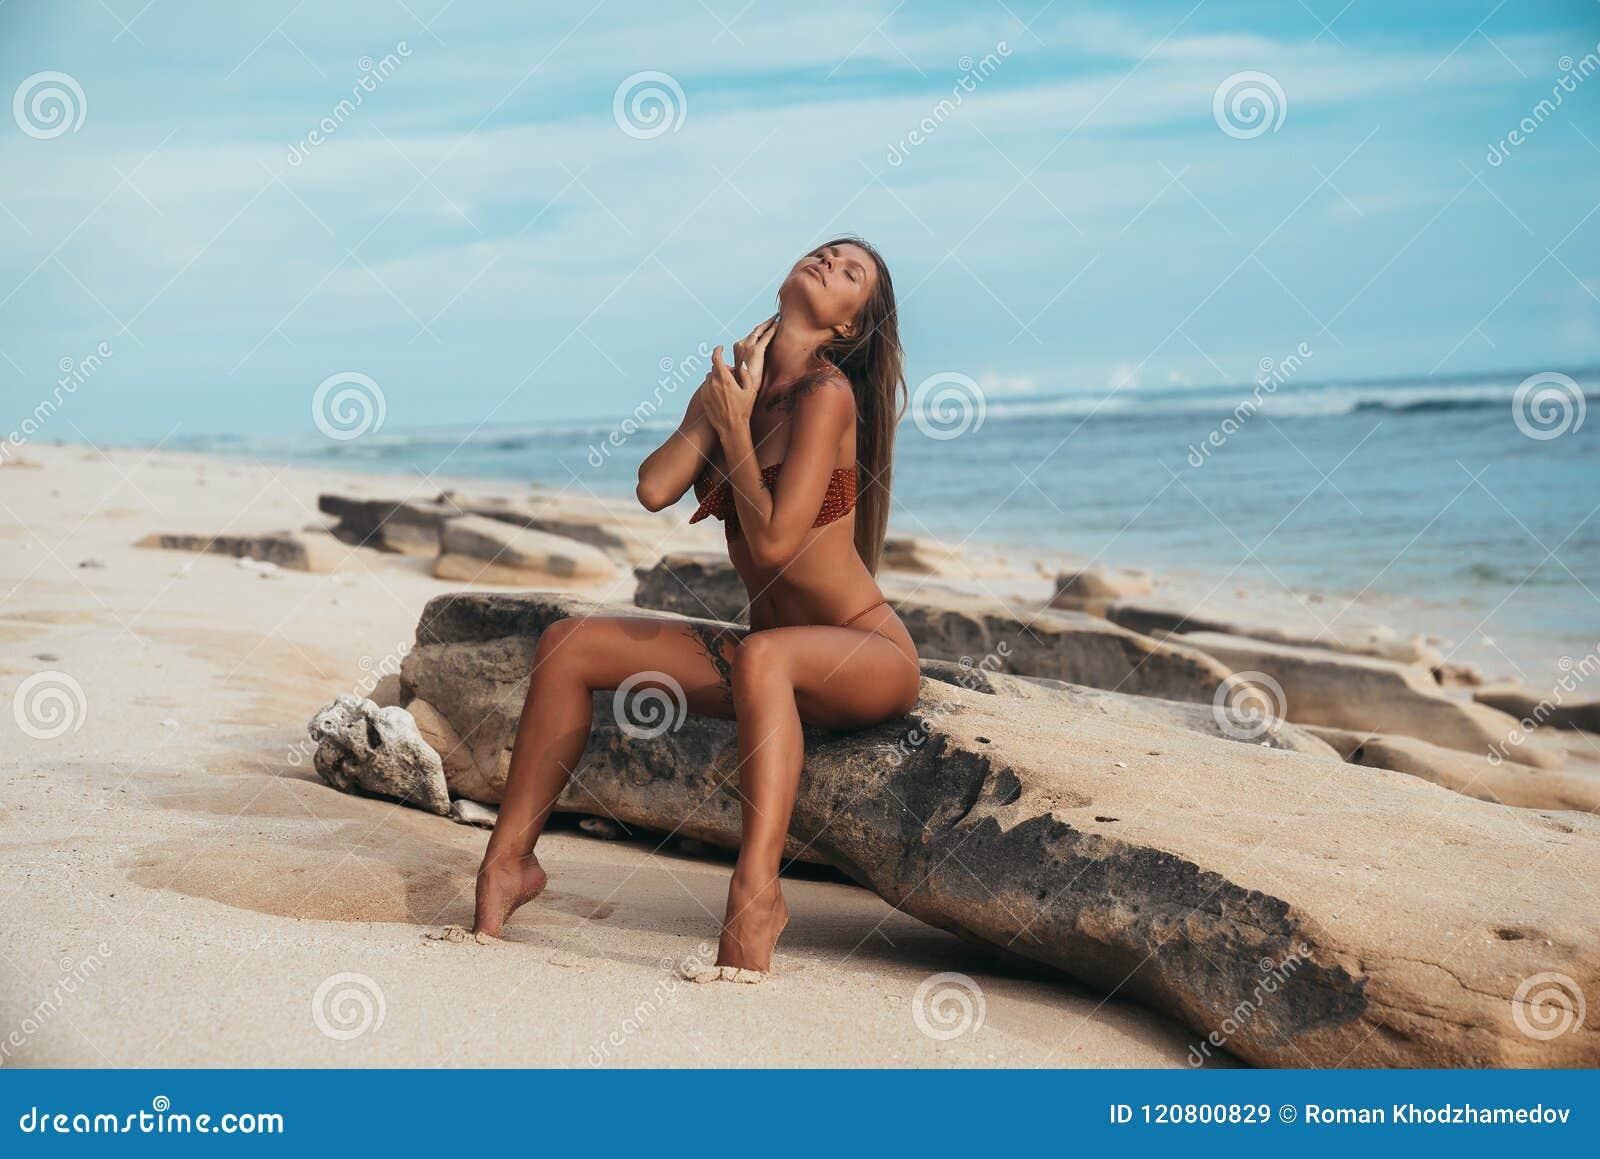 Reise, tropische Länder, Erholung, Lebensstilkonzept Junges schönes Mädchen sitzt auf dem Ufer des blauen Meeres